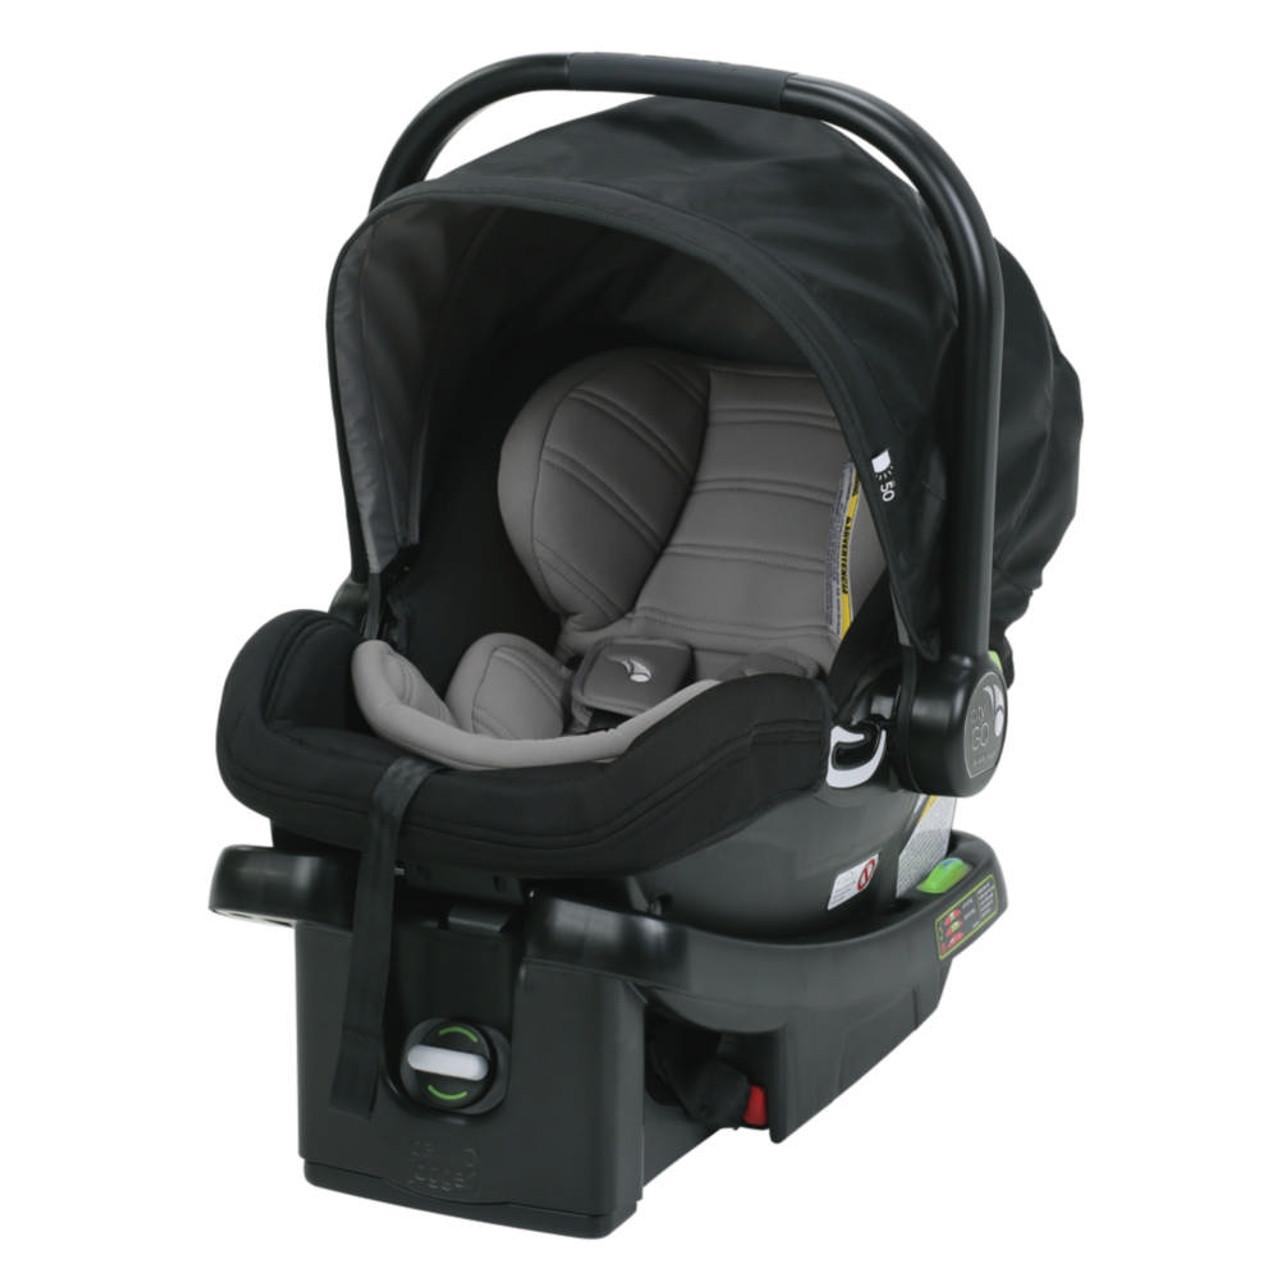 Black Diono Quantum Adapter Peg-Perego Car Seats